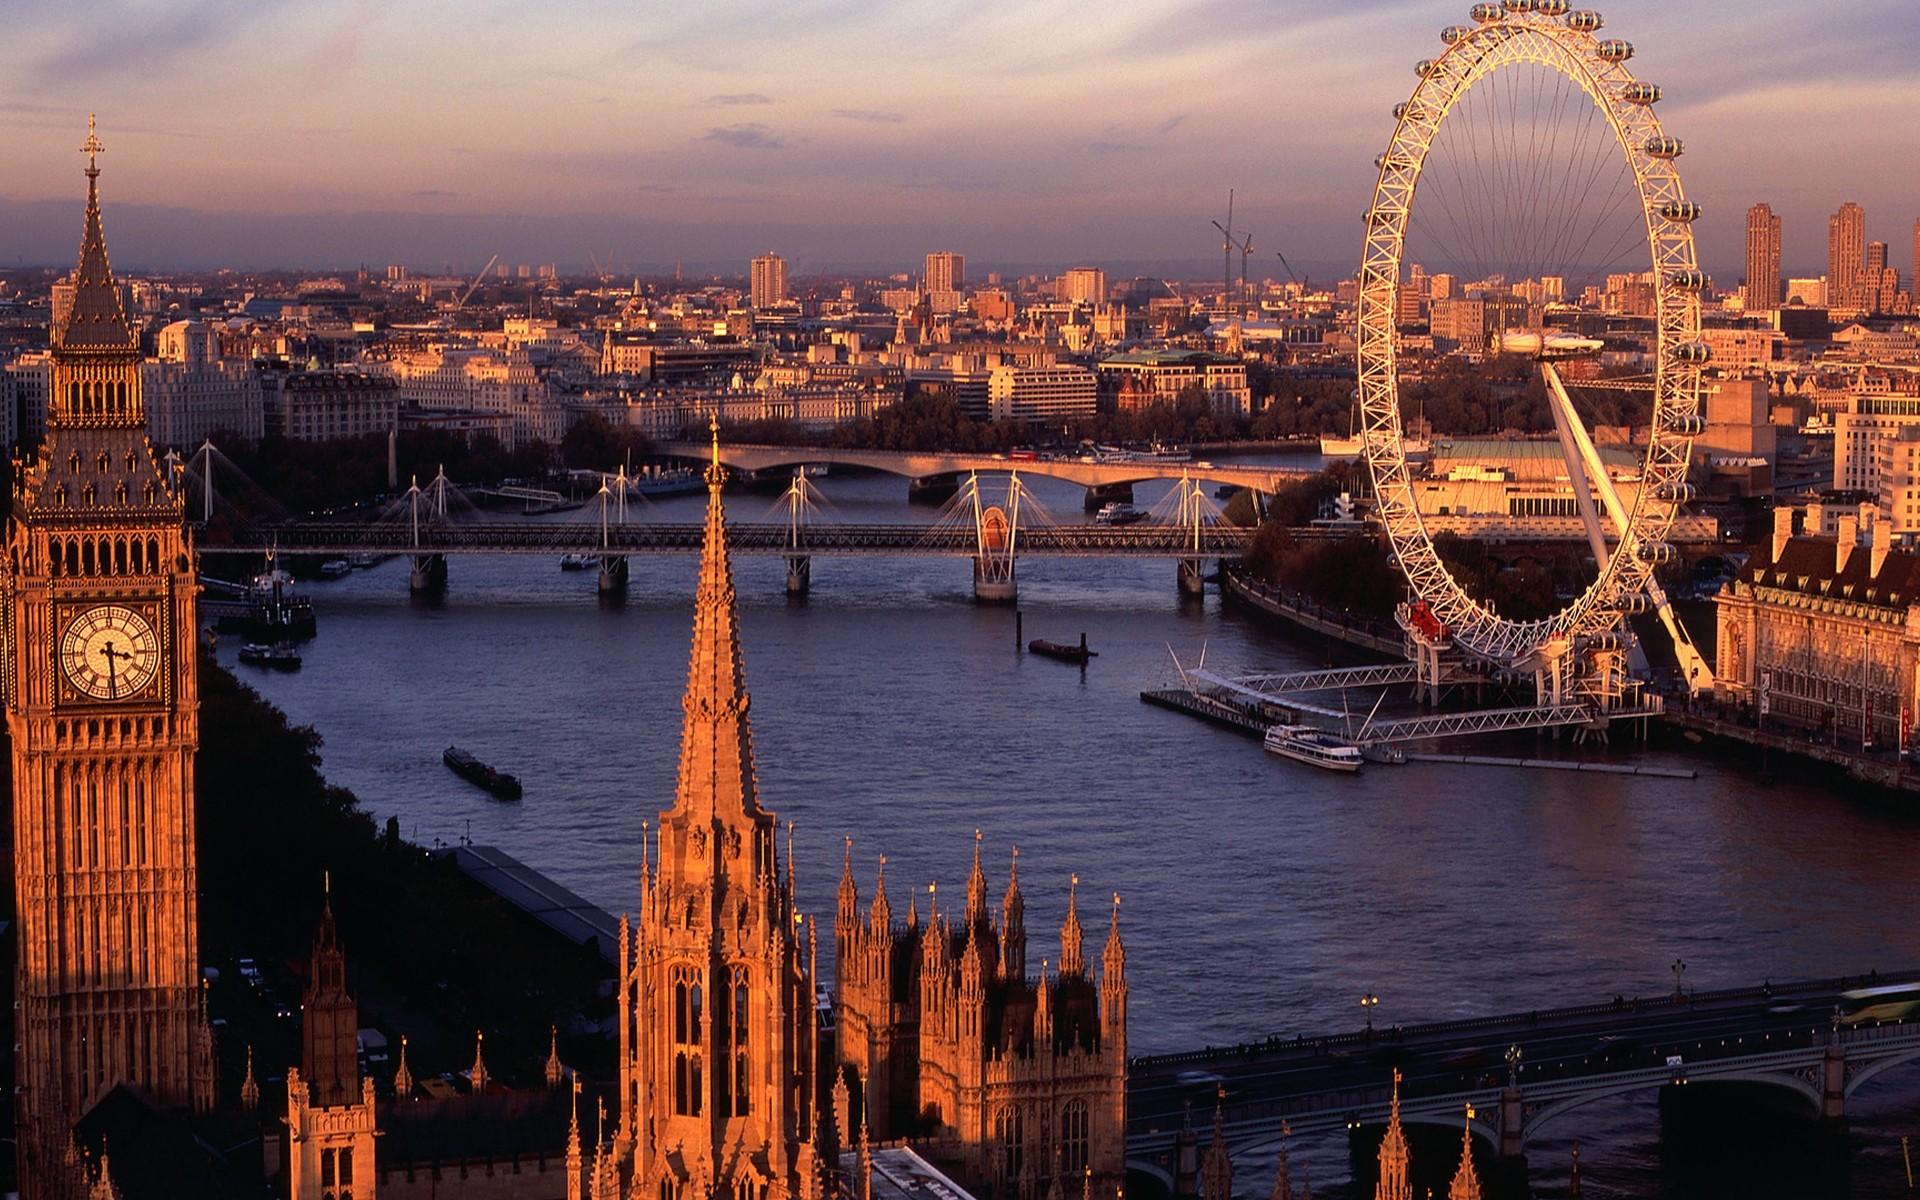 Ryanair srydžiai į Londoną.